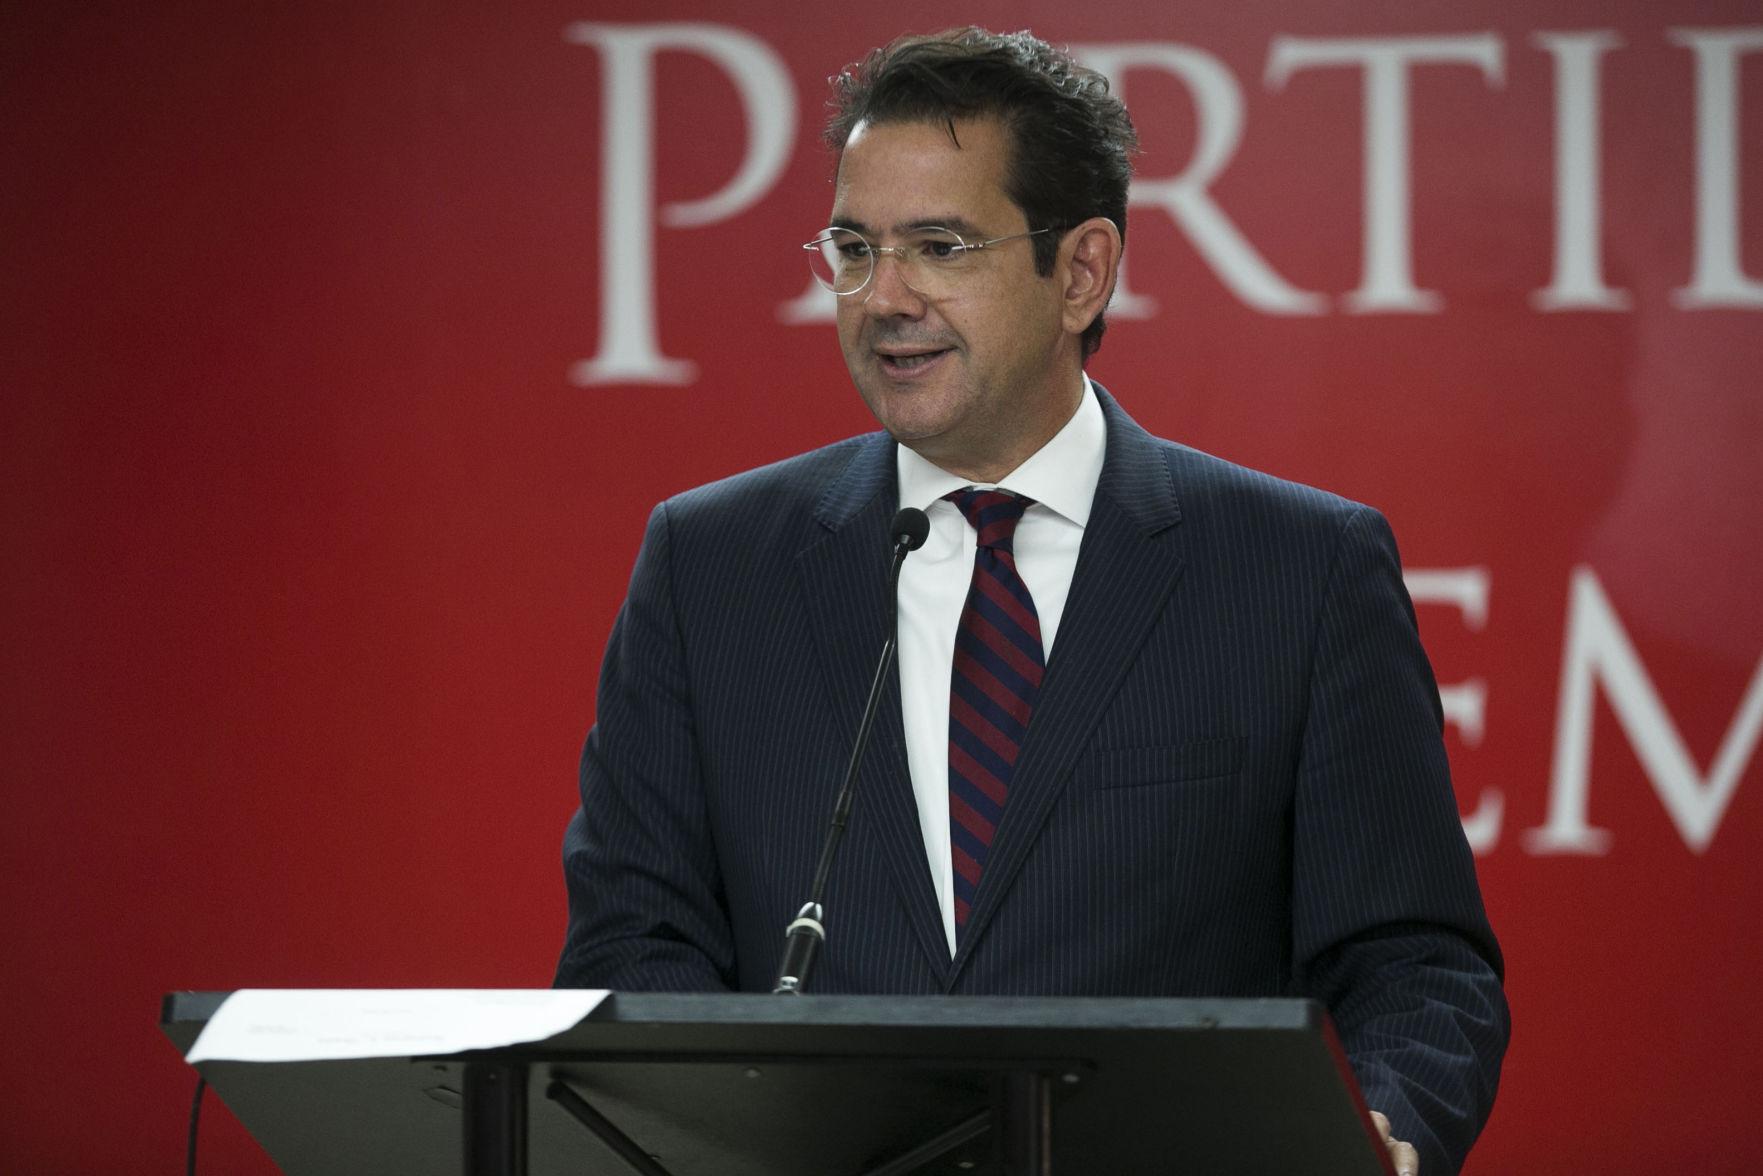 """Roberto Prats: """"Su renuncia al cargo es la única salida honorable"""""""